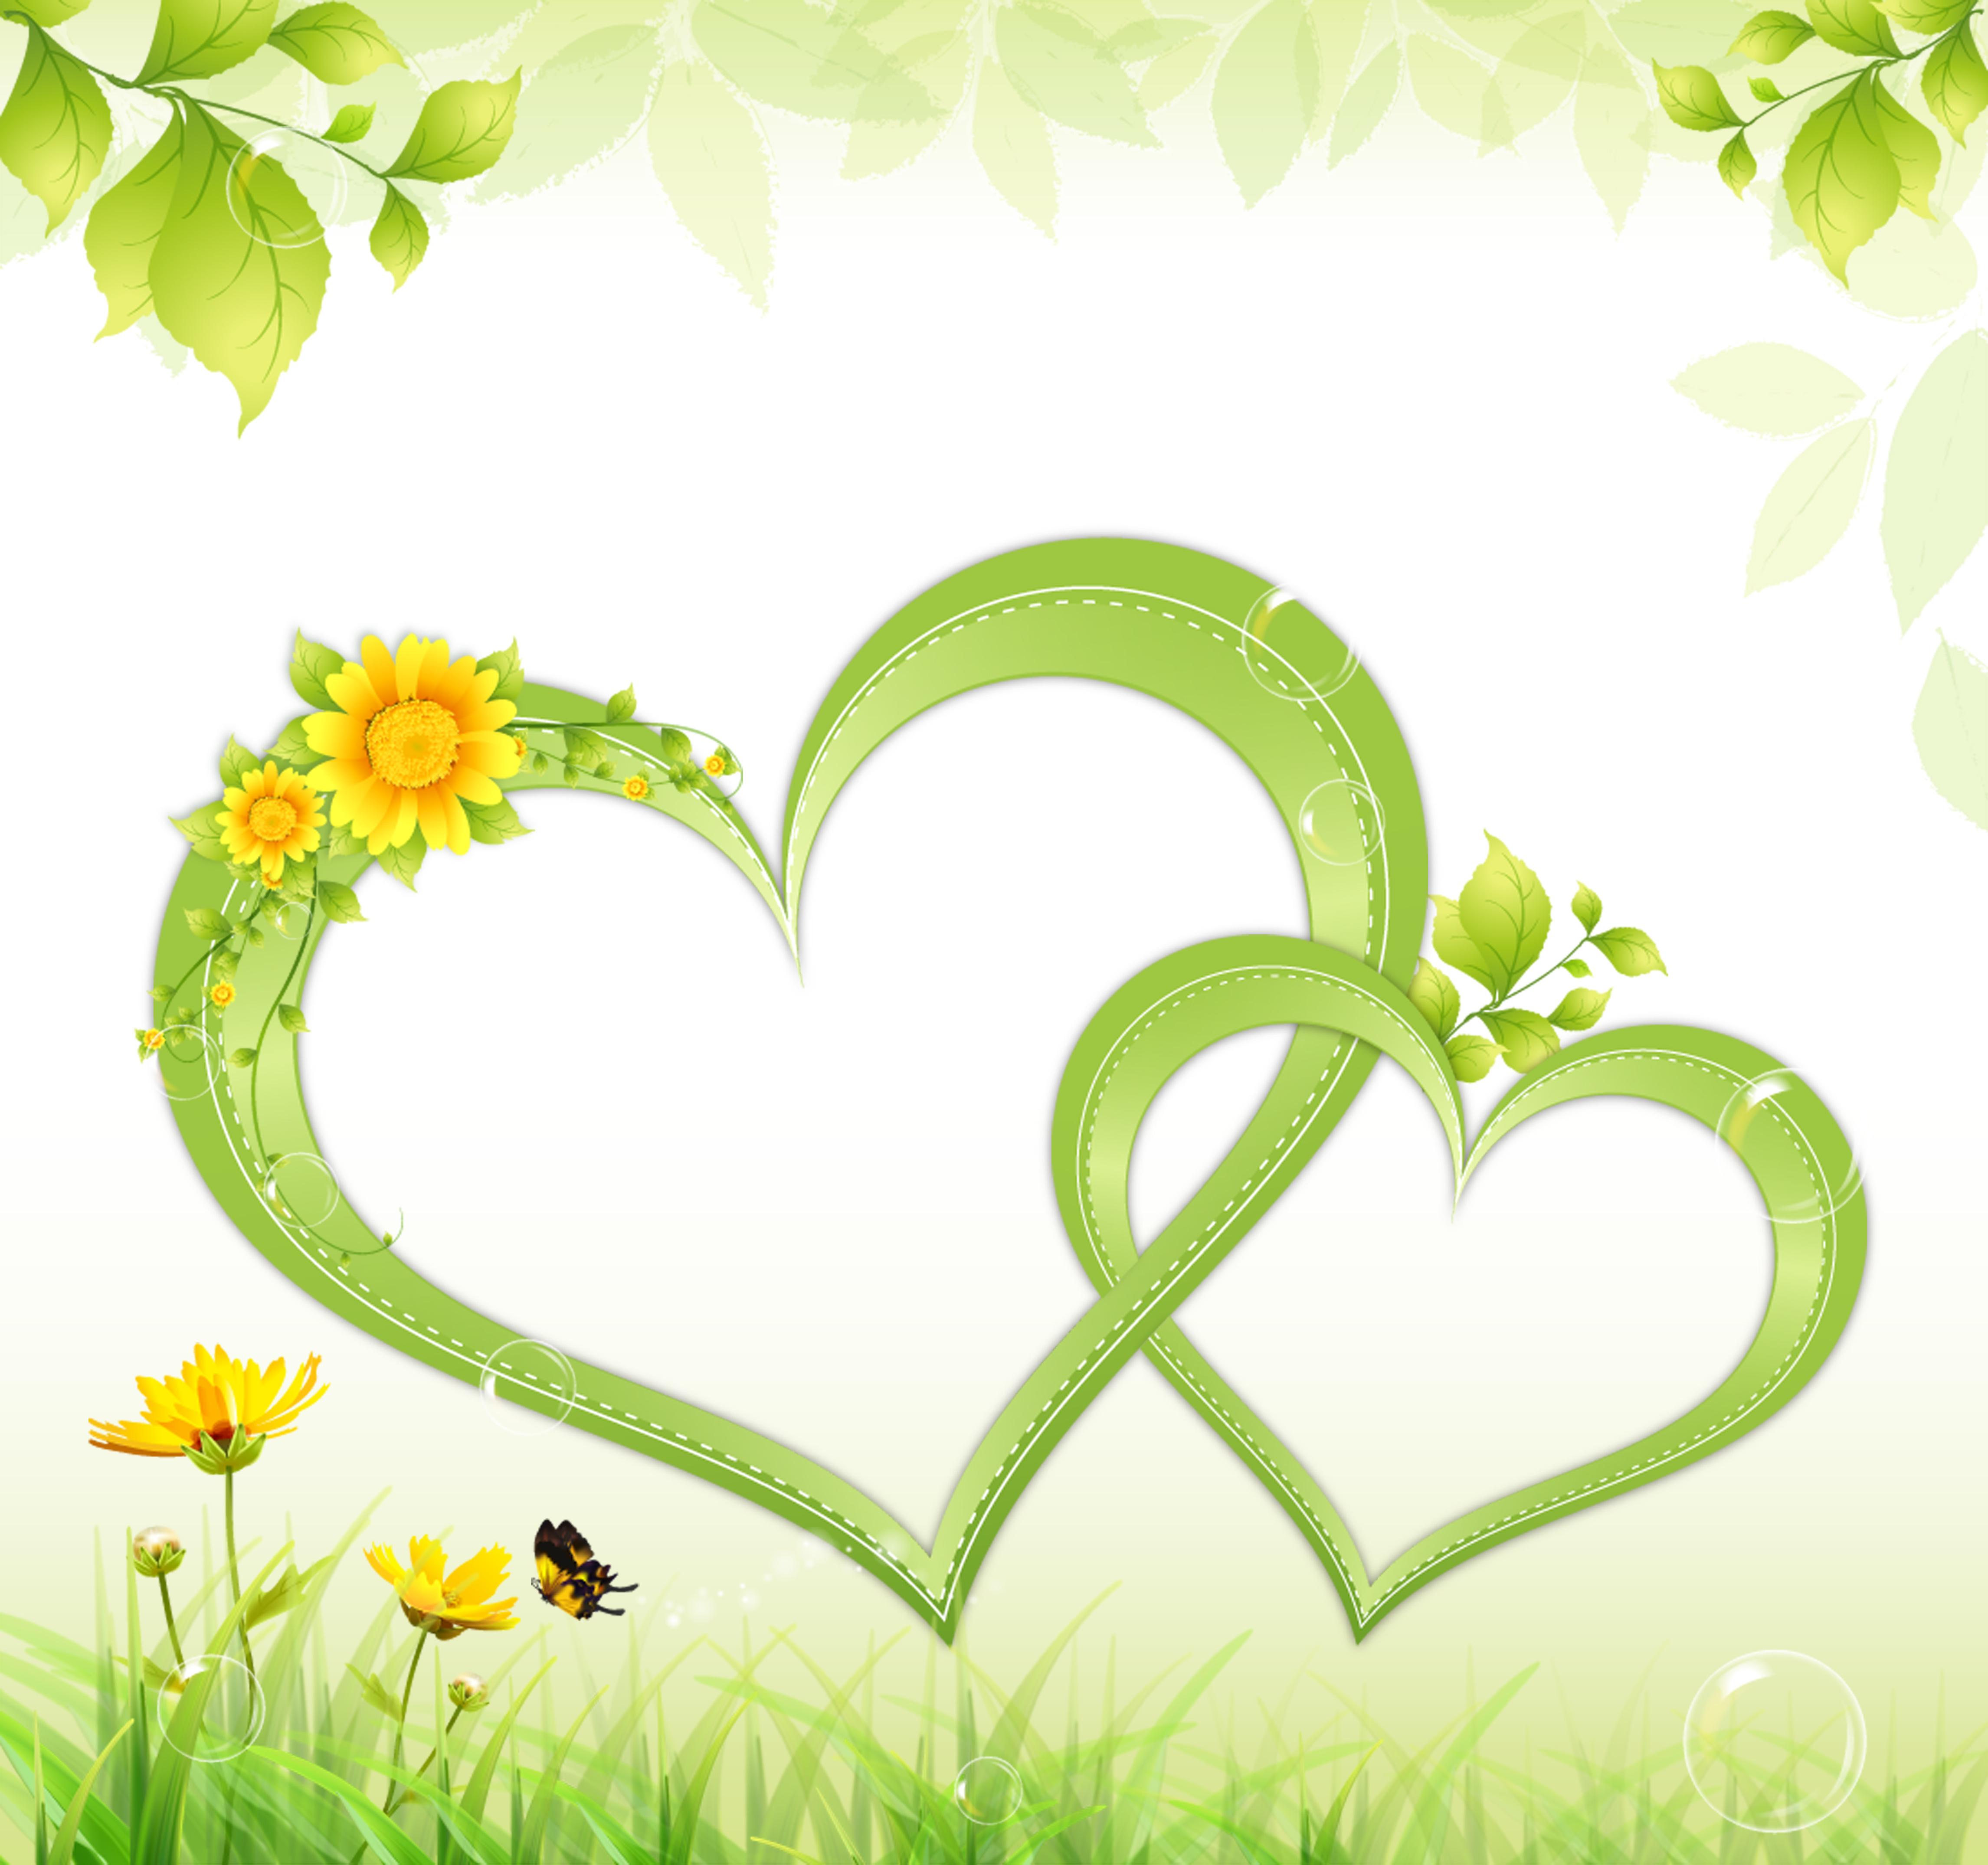 dessin de la bordure de fond vert en forme de coeur vert